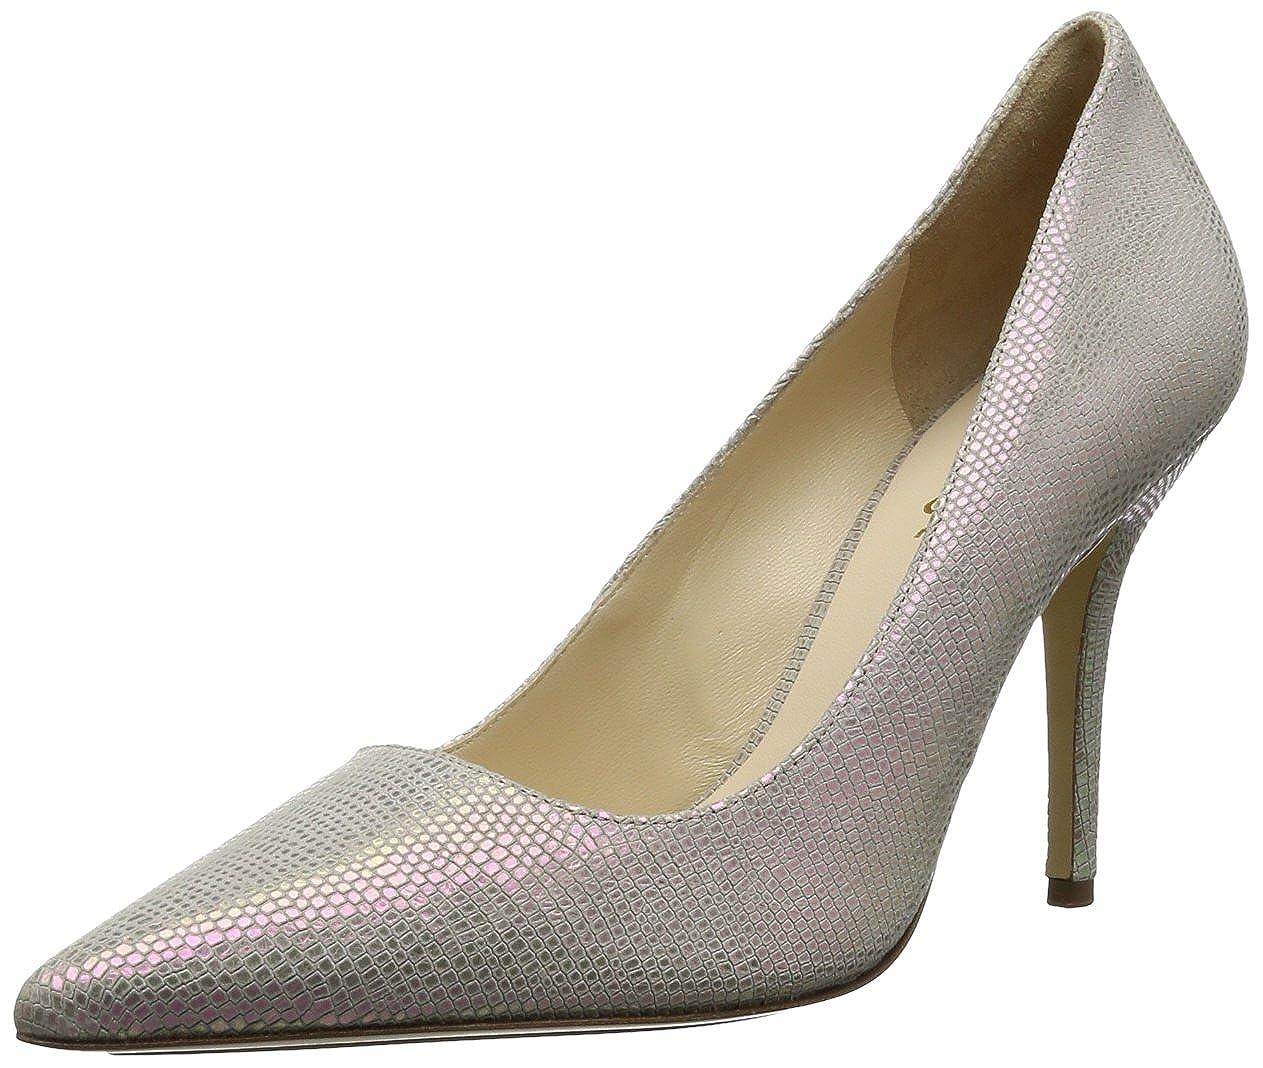 HÖGL schuhe fashion GmbH Damen 7-108407-39000 7-108407-39000 7-108407-39000 Geschlossen b69471